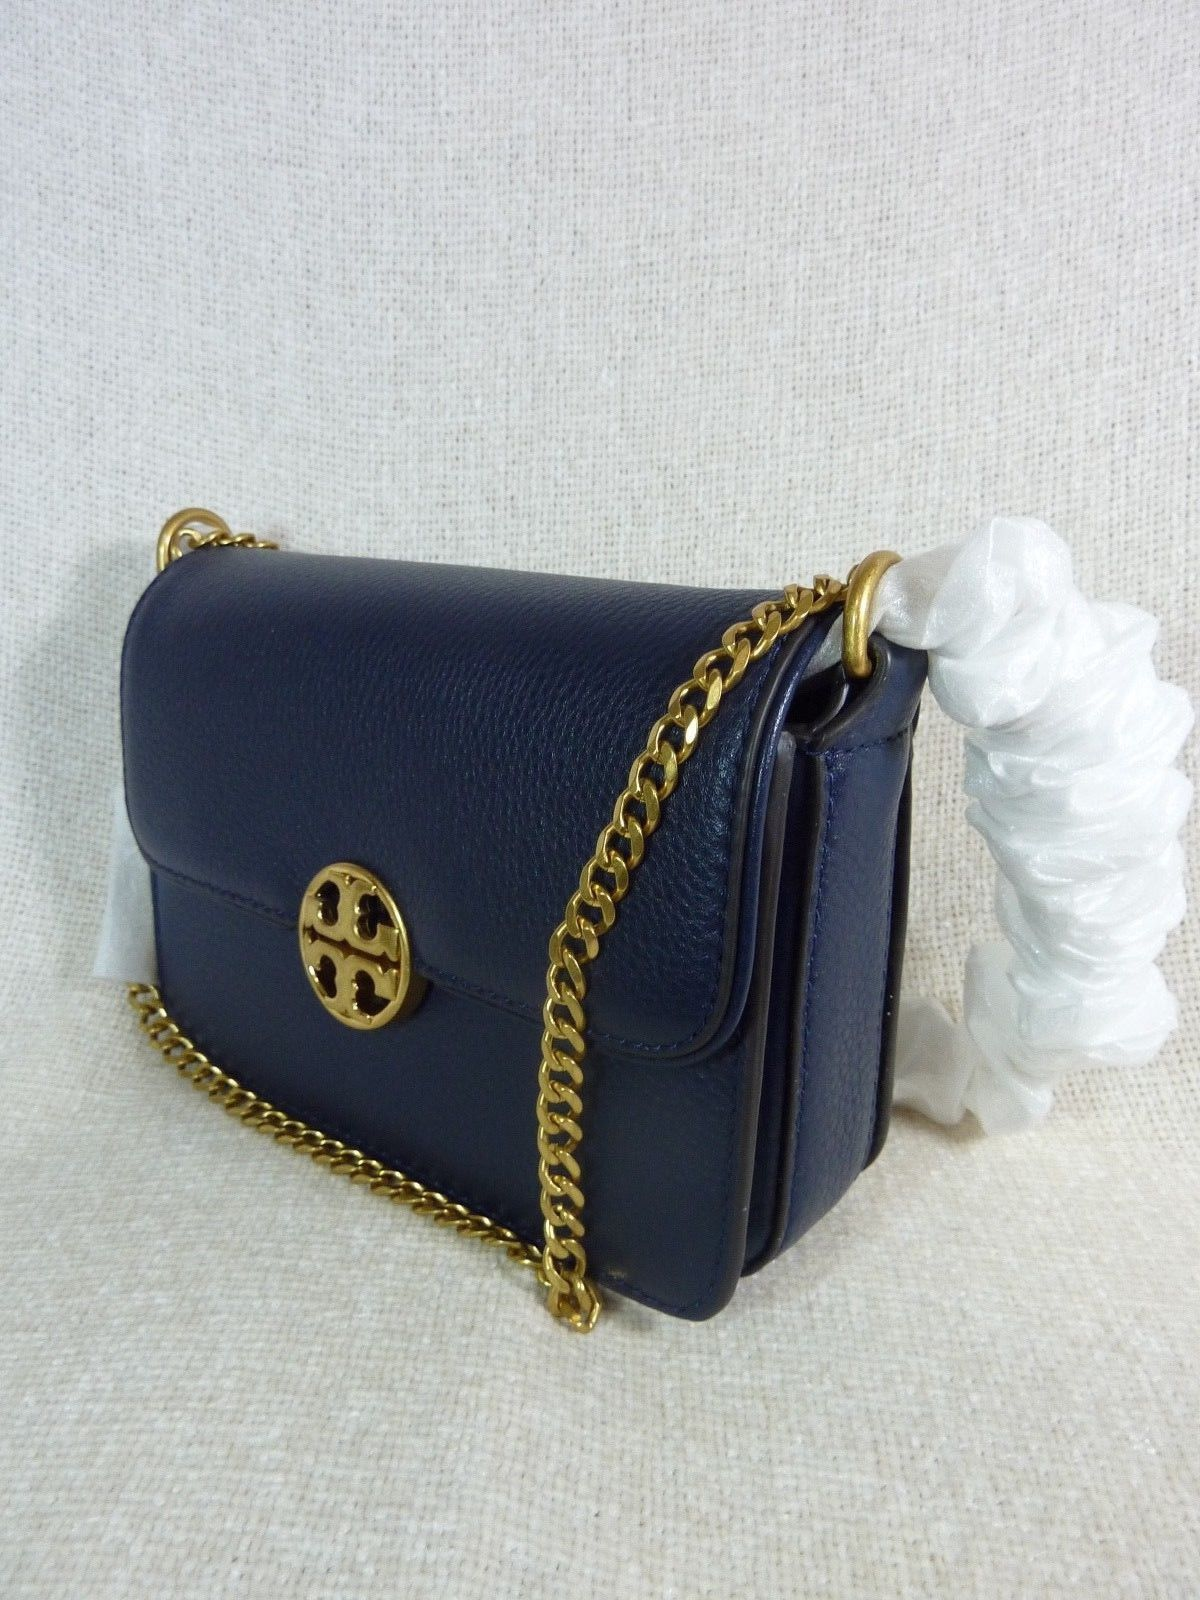 Neuf avec Étiquettes Tory Burch Marine Royale Chelsea Mini Sac Bandoulière image 2